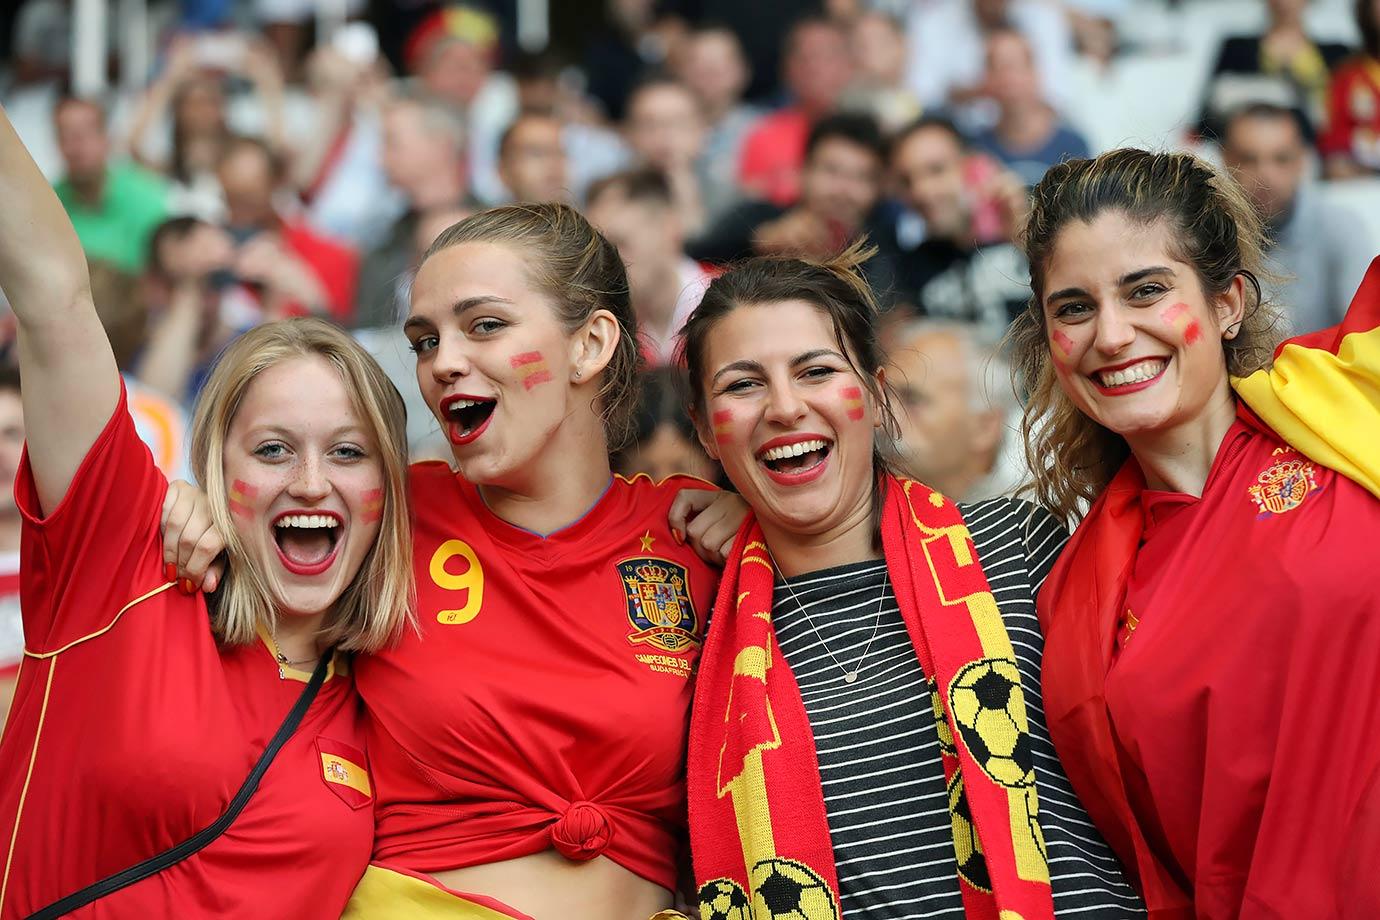 بالصور بنات اسبانيا , حصريا اجمد صور لبنات اسبانيا الجميلات 4649 9